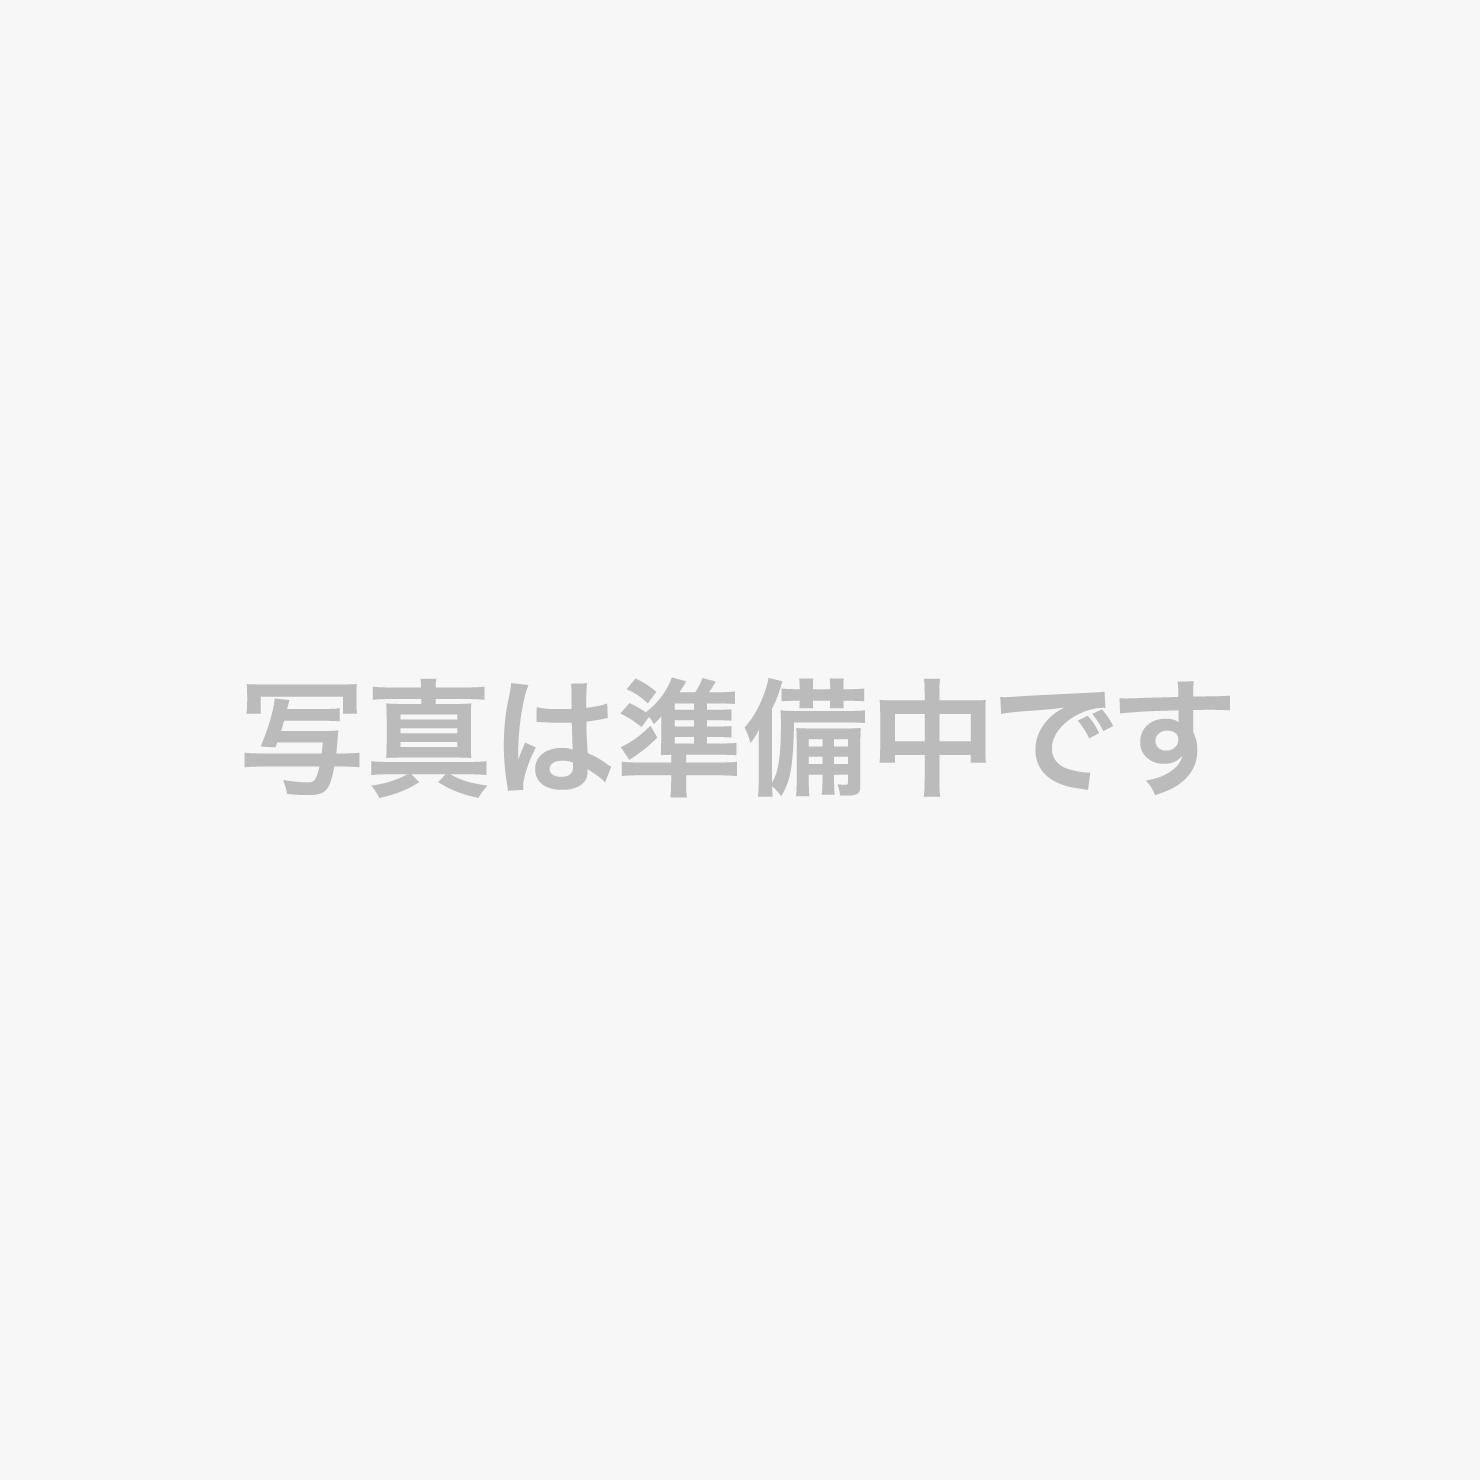 セミダブルルーム【喫煙】(ダークブルー)